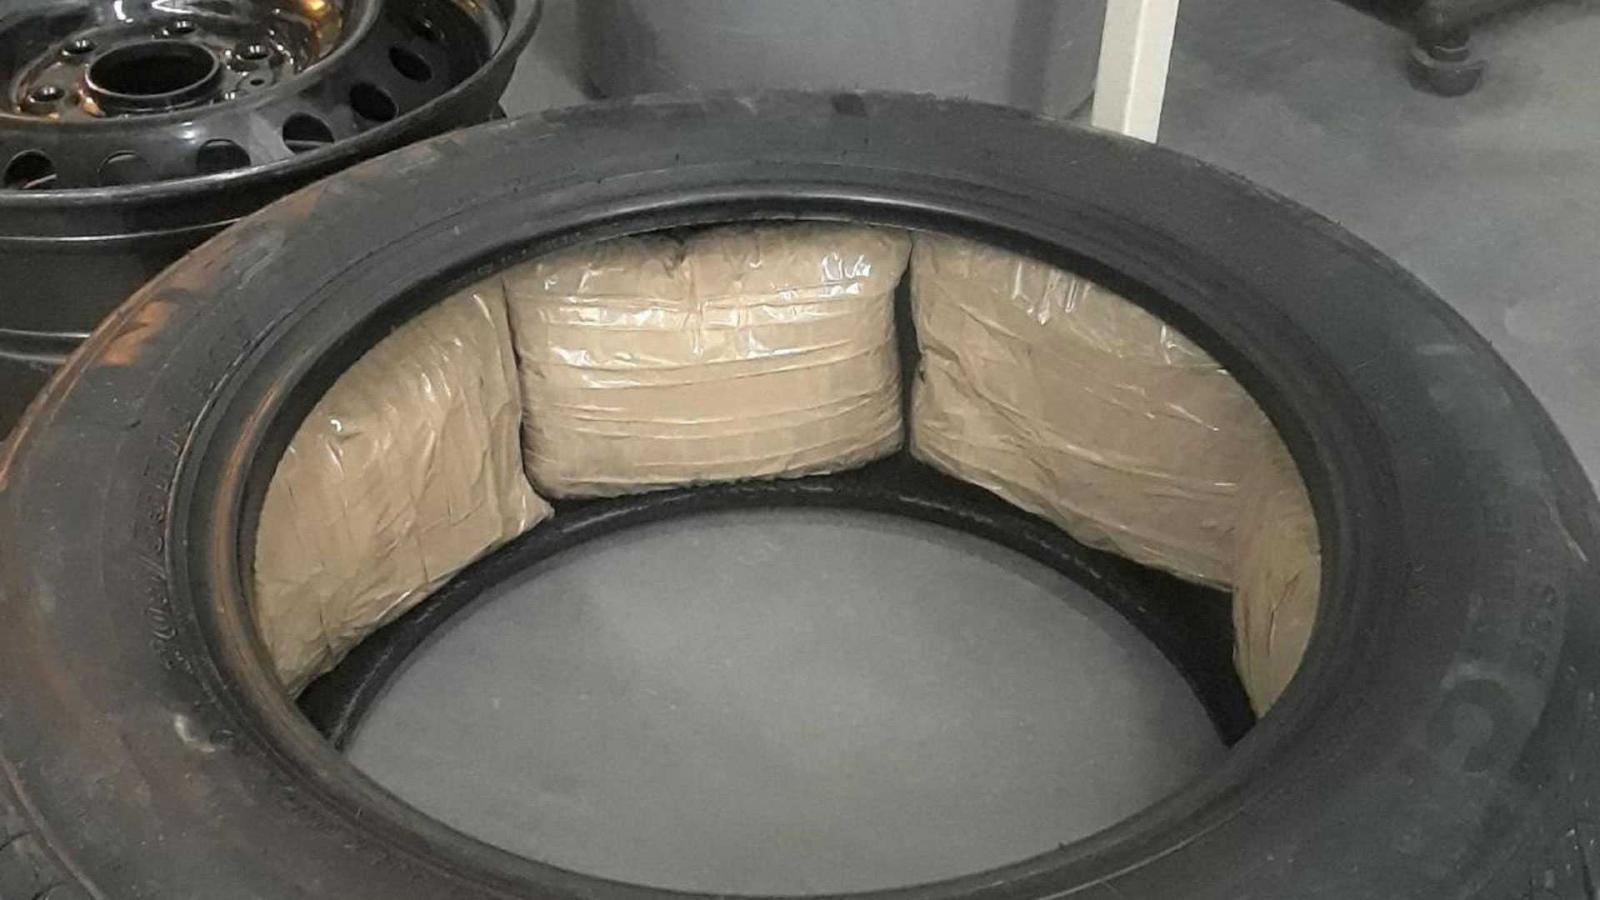 Một chiếc lốp xe chứa những gói ma túy đá bên trong